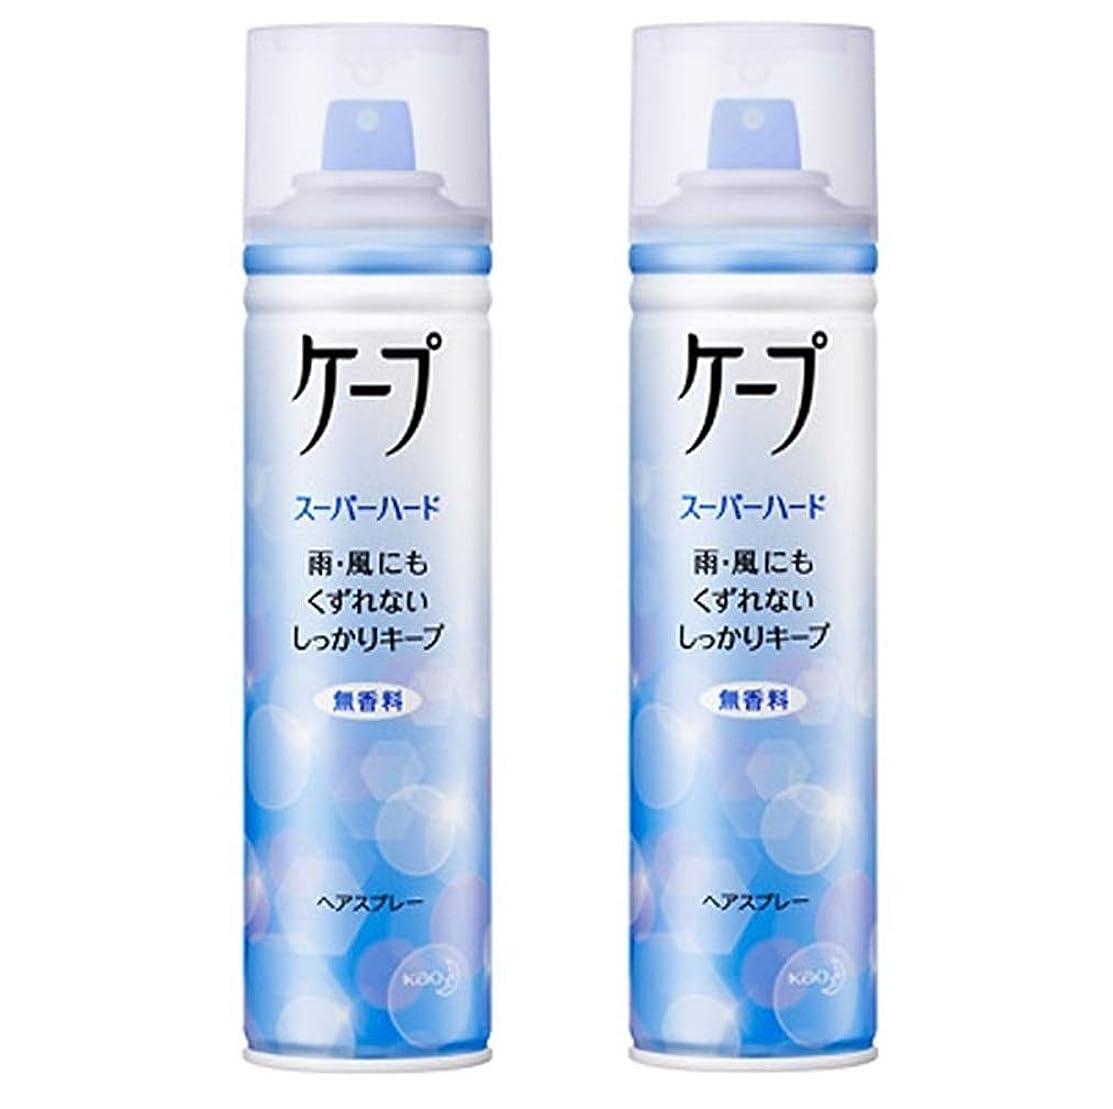 コンパニオン腐った意欲【まとめ買い】ケープ スーパーハード 無香料 180g ×2セット